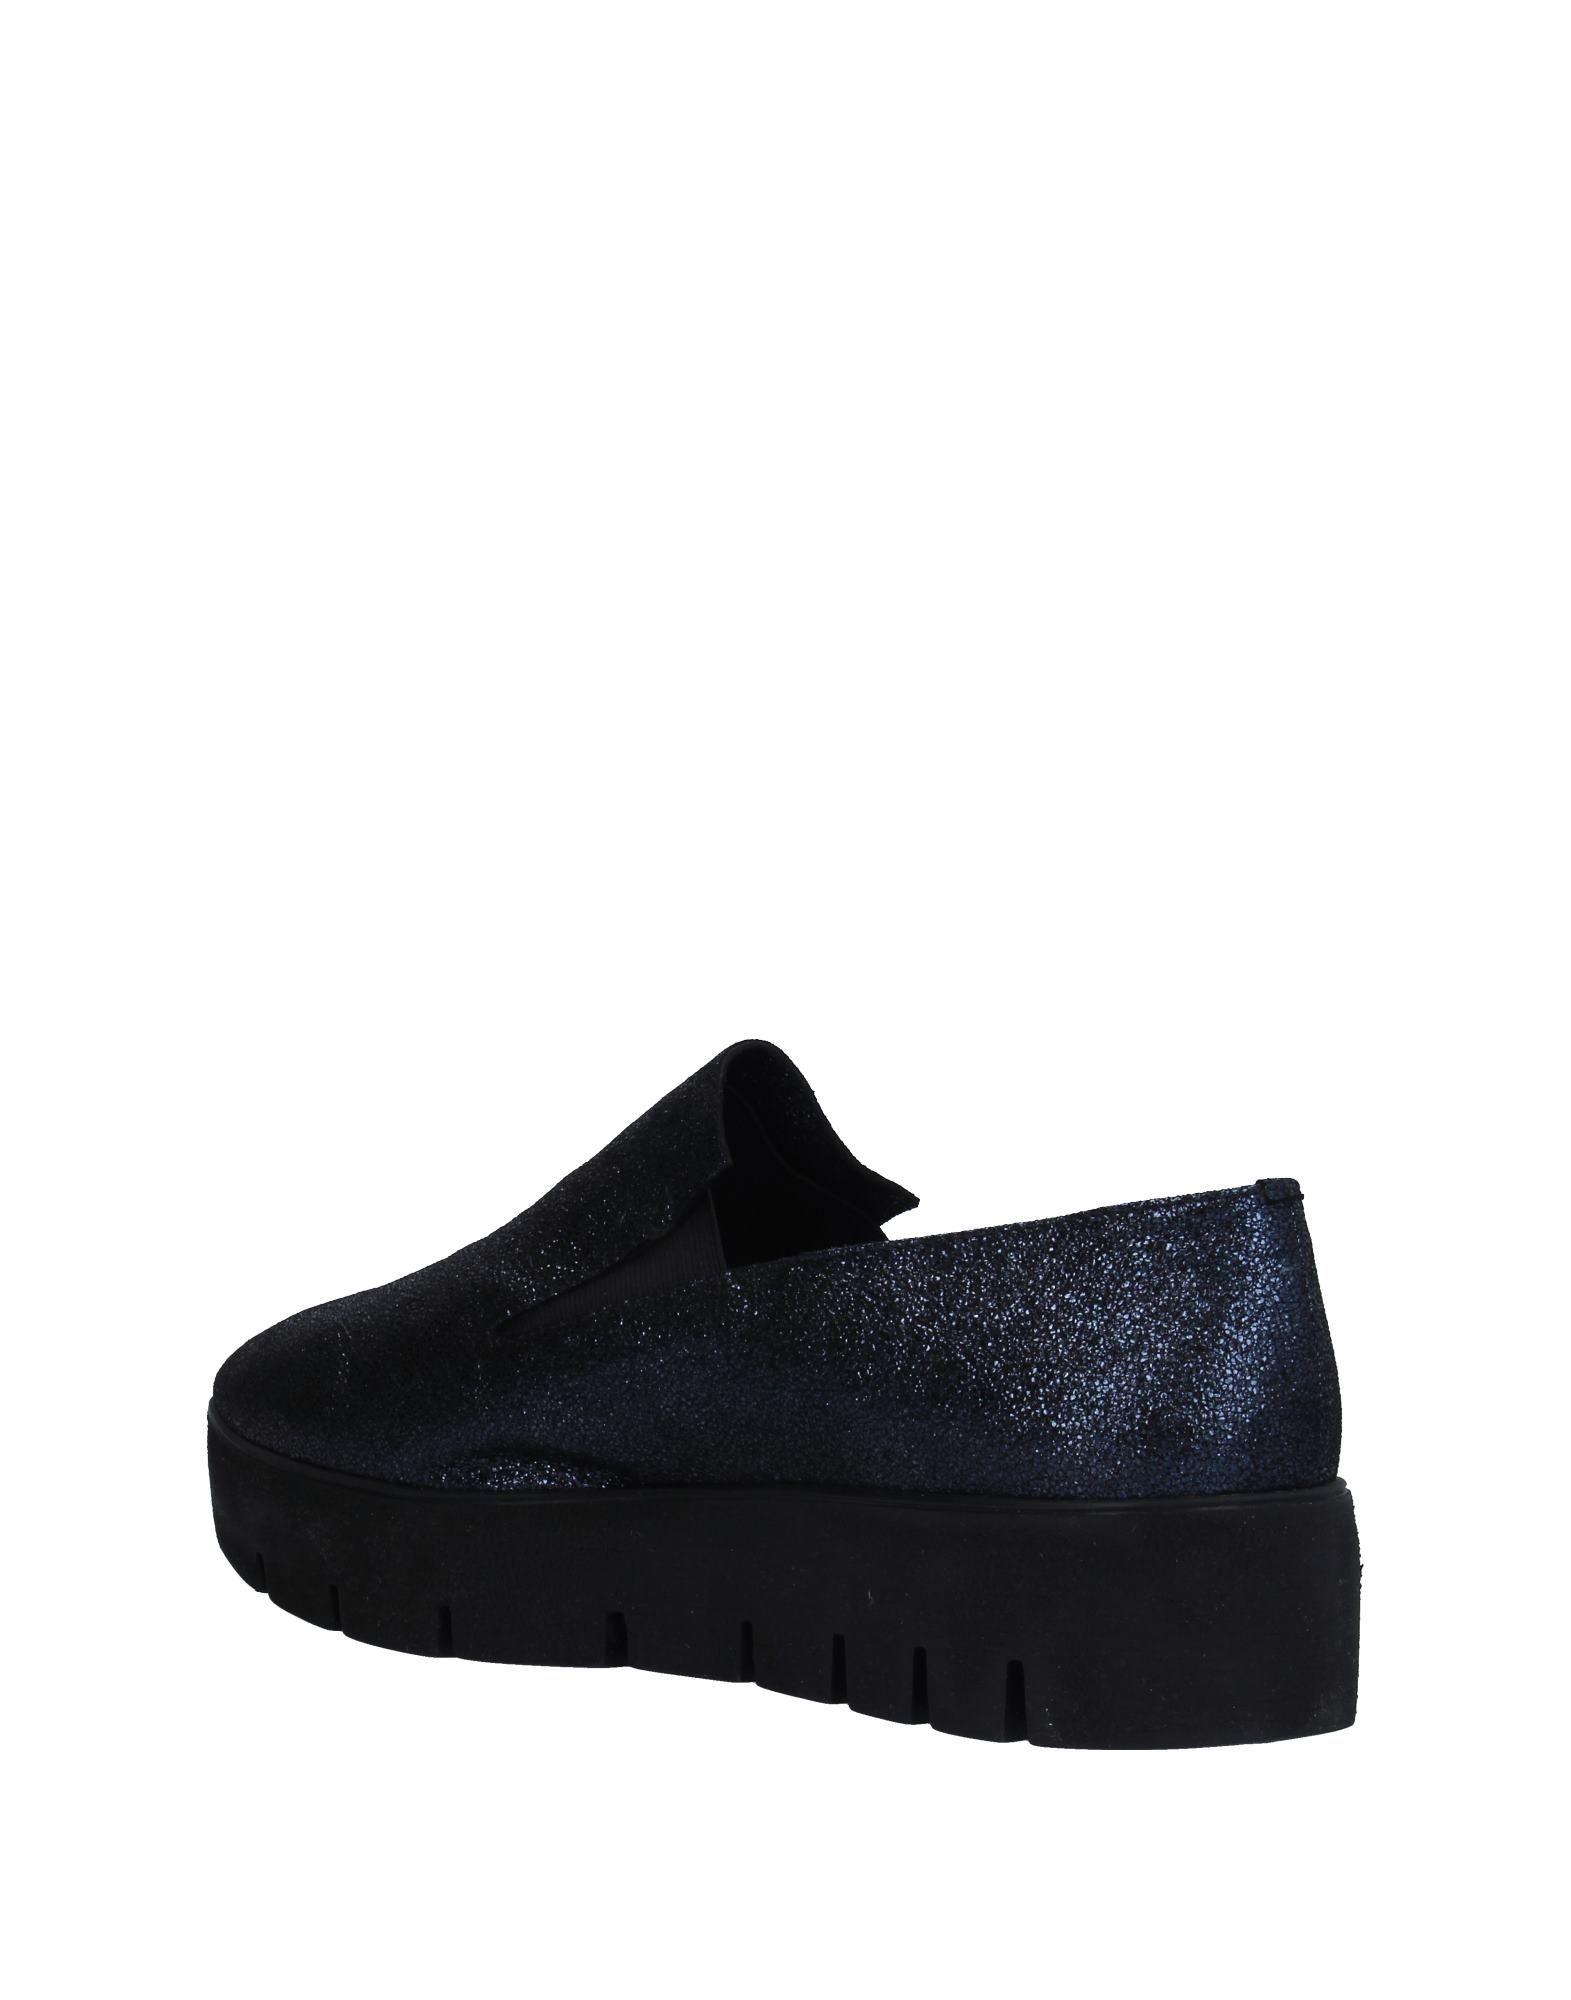 Stilvolle billige Schuhe 87  Vic Matiē Mokassins Damen  87 11295847FT 8385f1